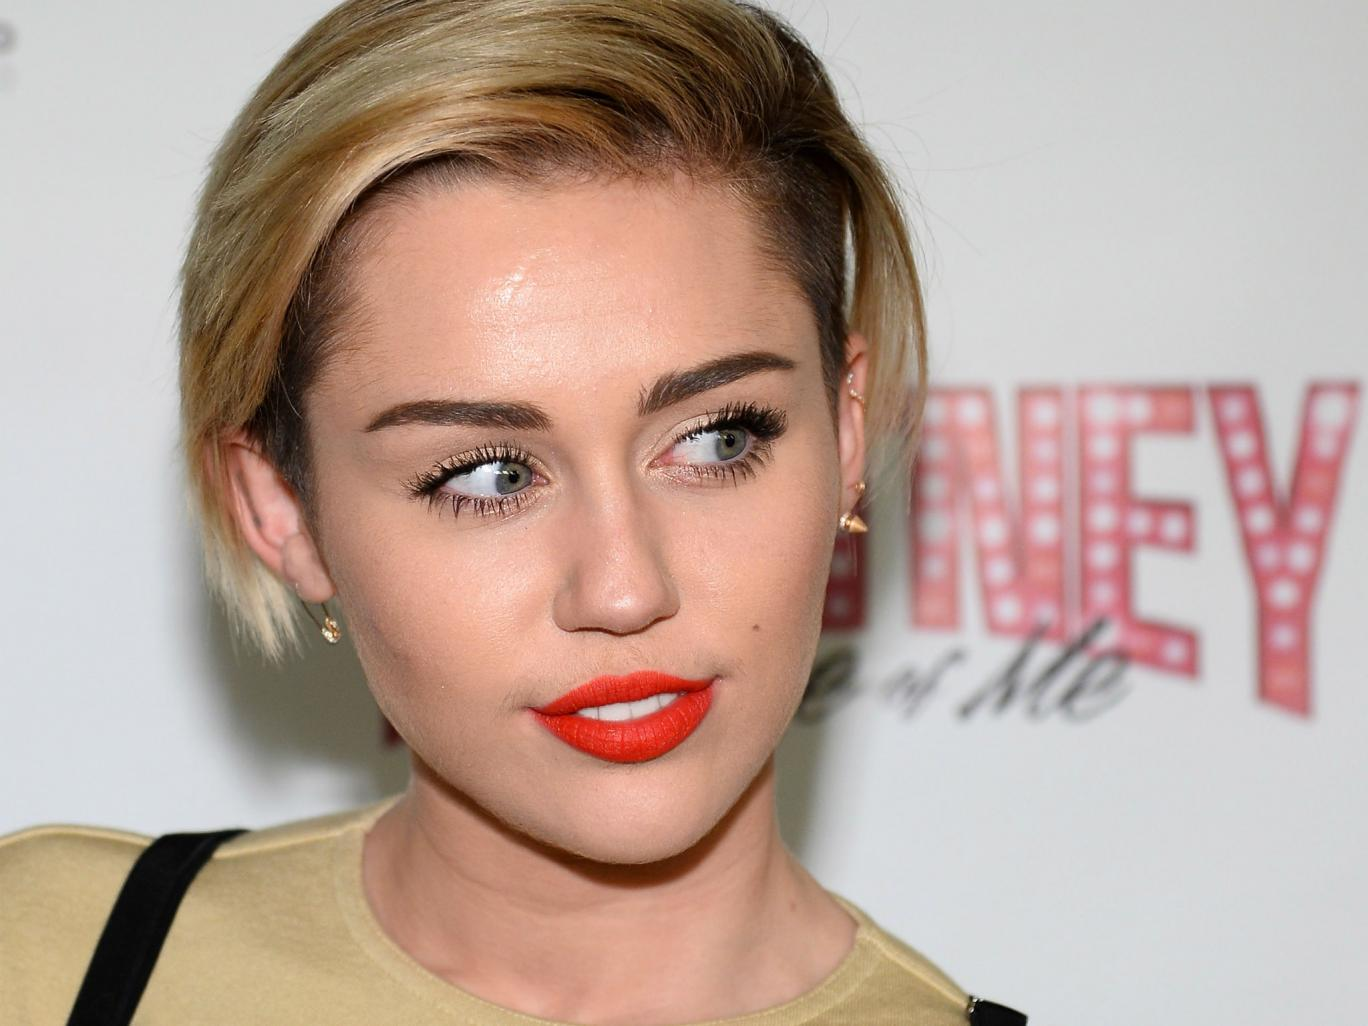 Miley Cyrus abandonará EU si Donald Trump gana elecciones